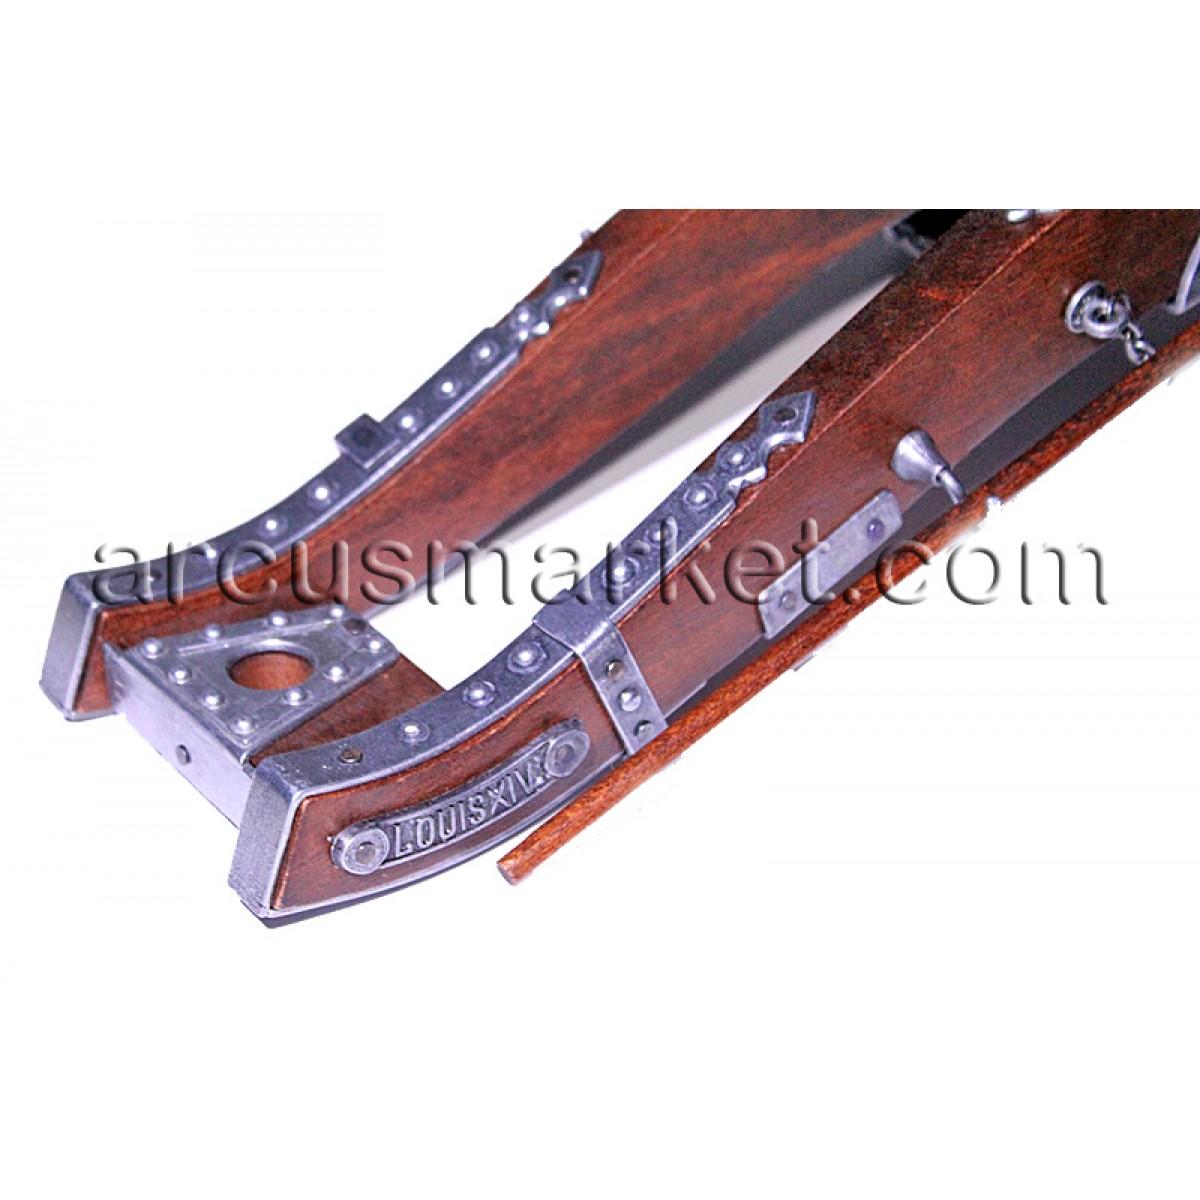 Пушка французская Луи ХIV, 18 век